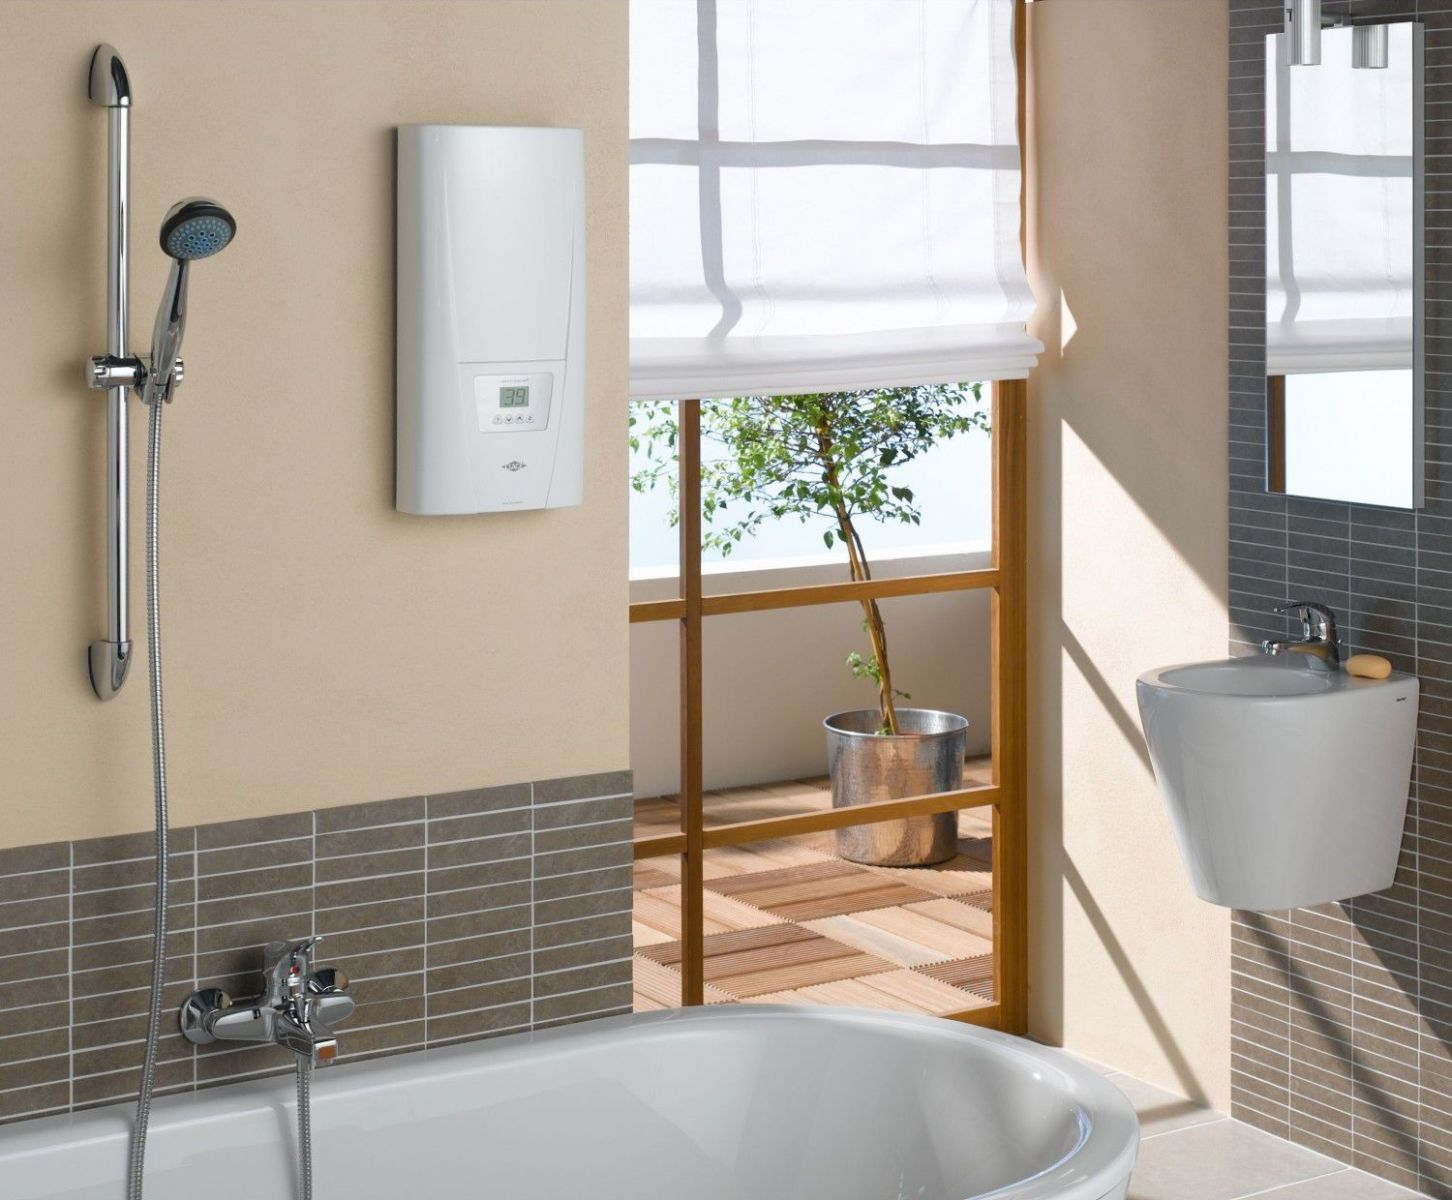 Как выбрать электрические бойлеры для воды: обзор решающих факторов + рекомендации по выбору